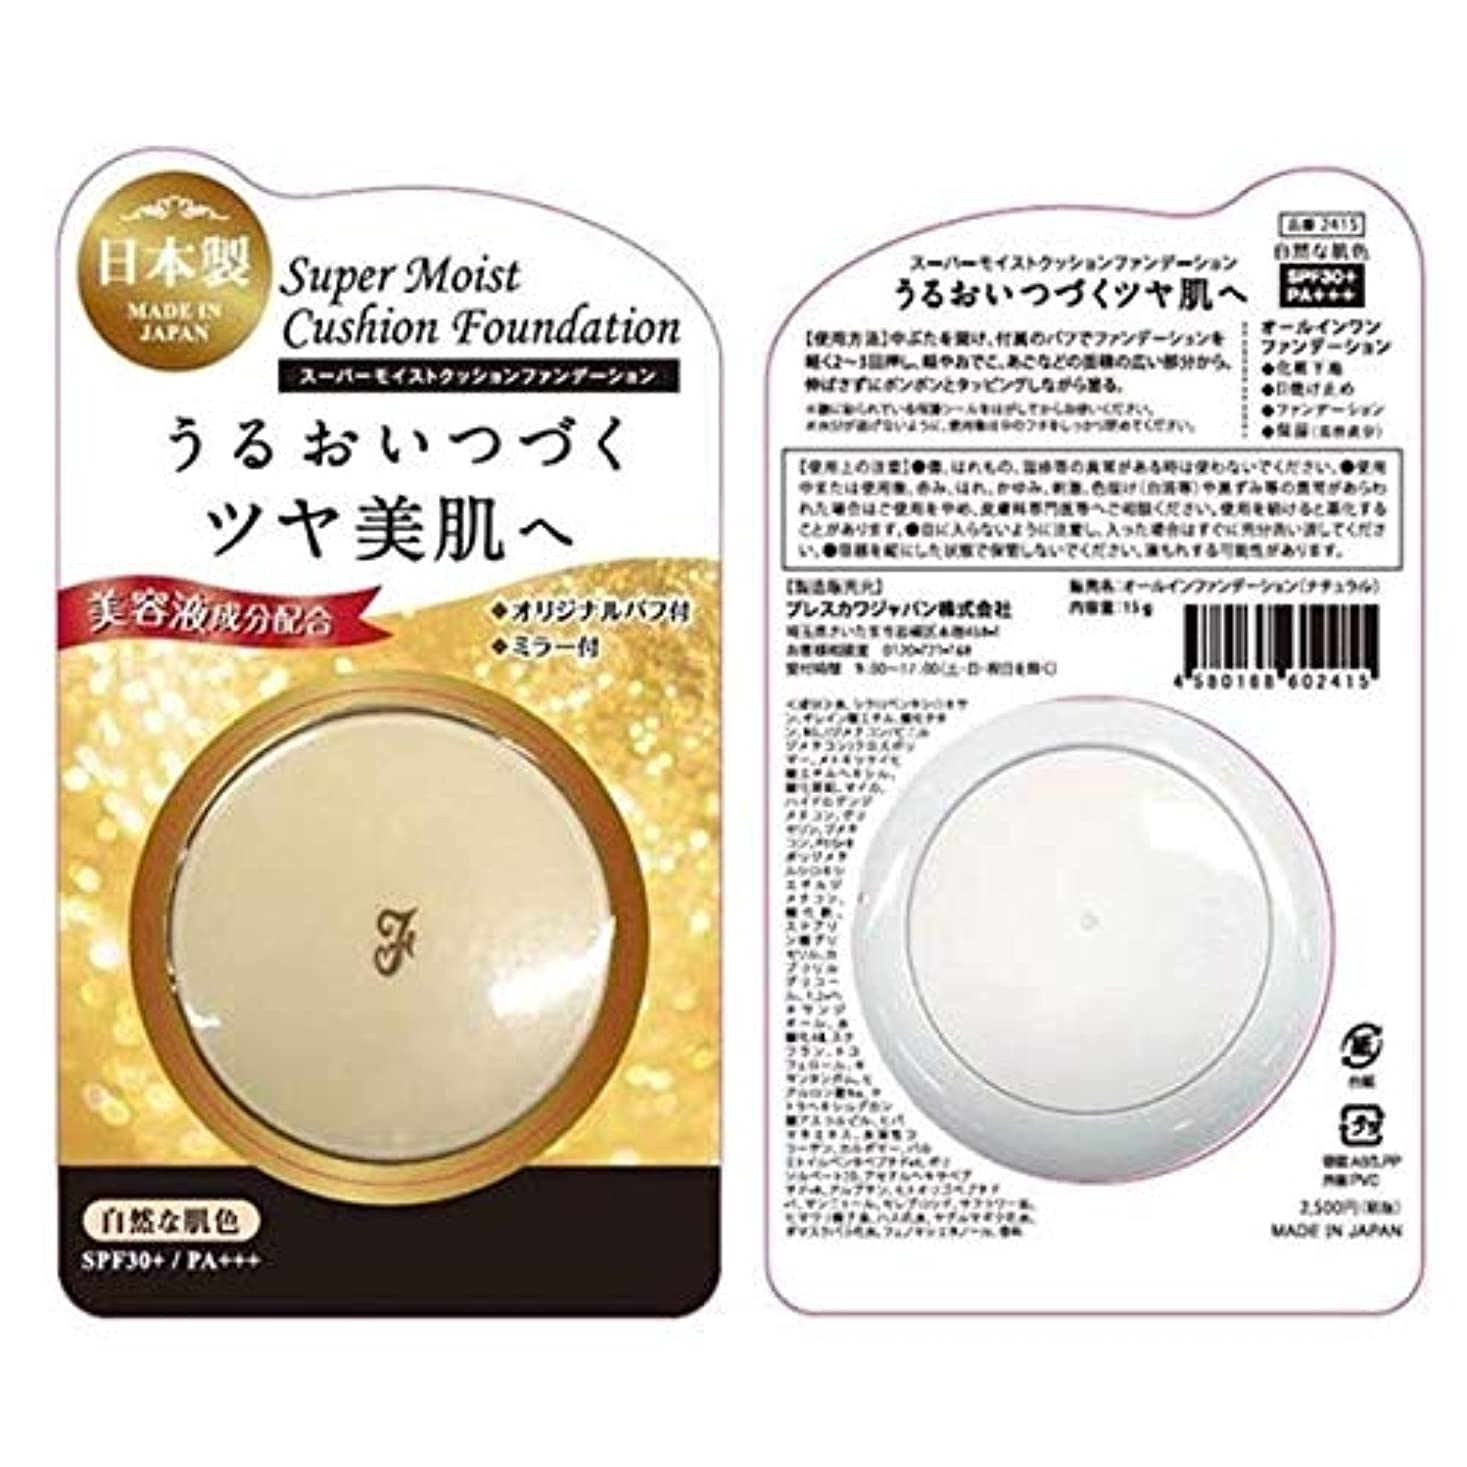 バンク継承不良品日本製●クッションファンデーション SPF30+ PA+++ 新色 自然な肌色 さらっとした使い心地 コスメ しっとりなめらか ファンデ